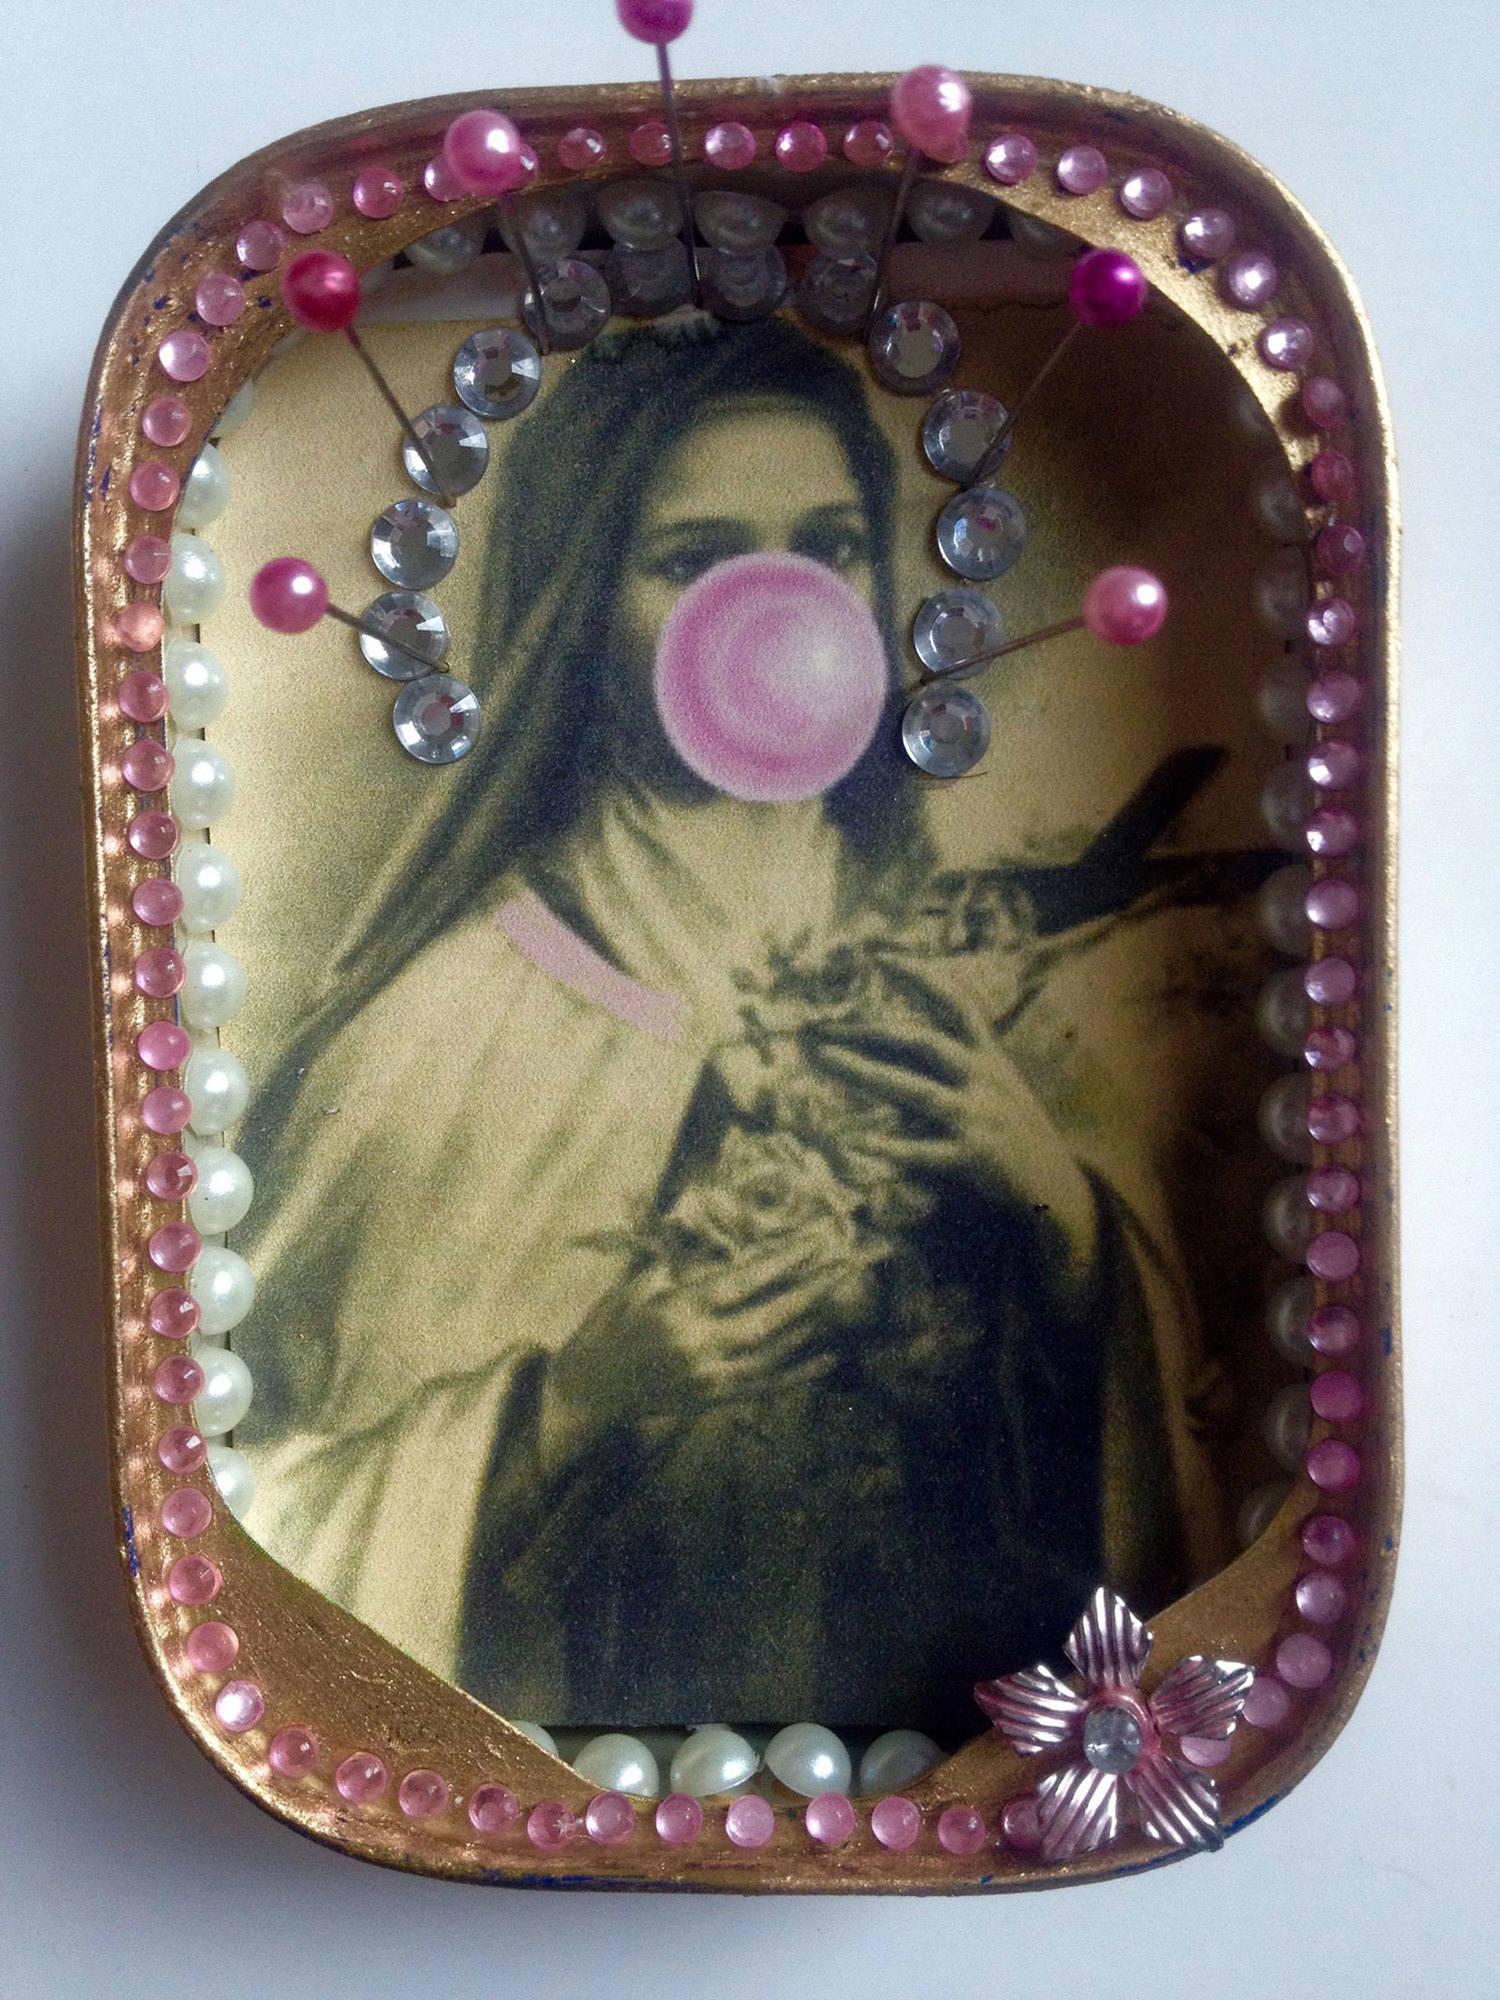 Bubblegum-Maonna-sardine